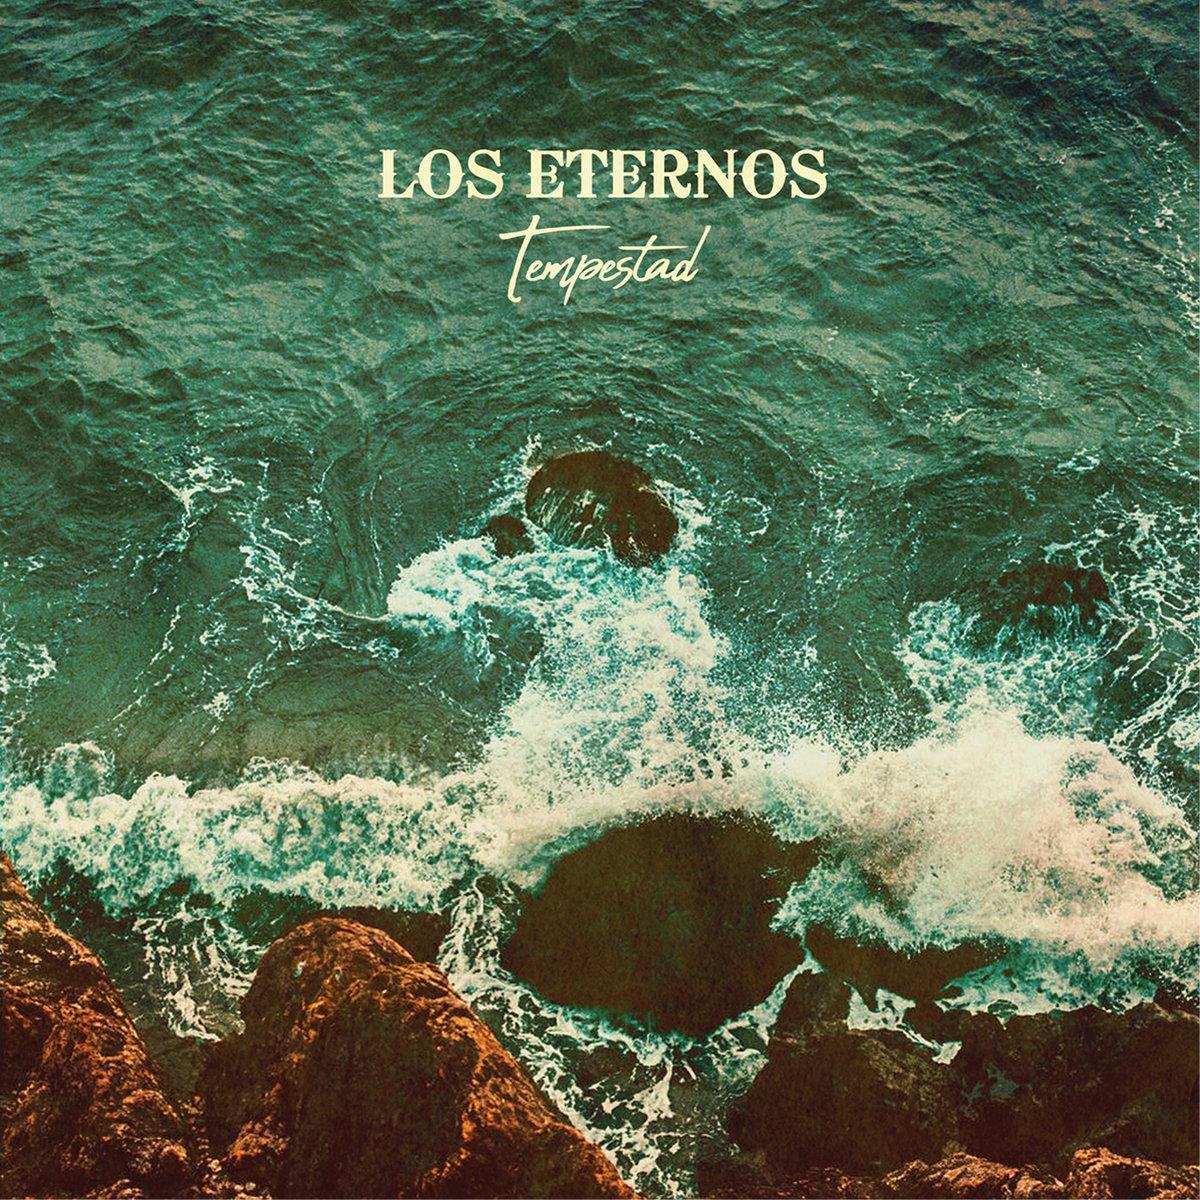 portada del album Tempestad